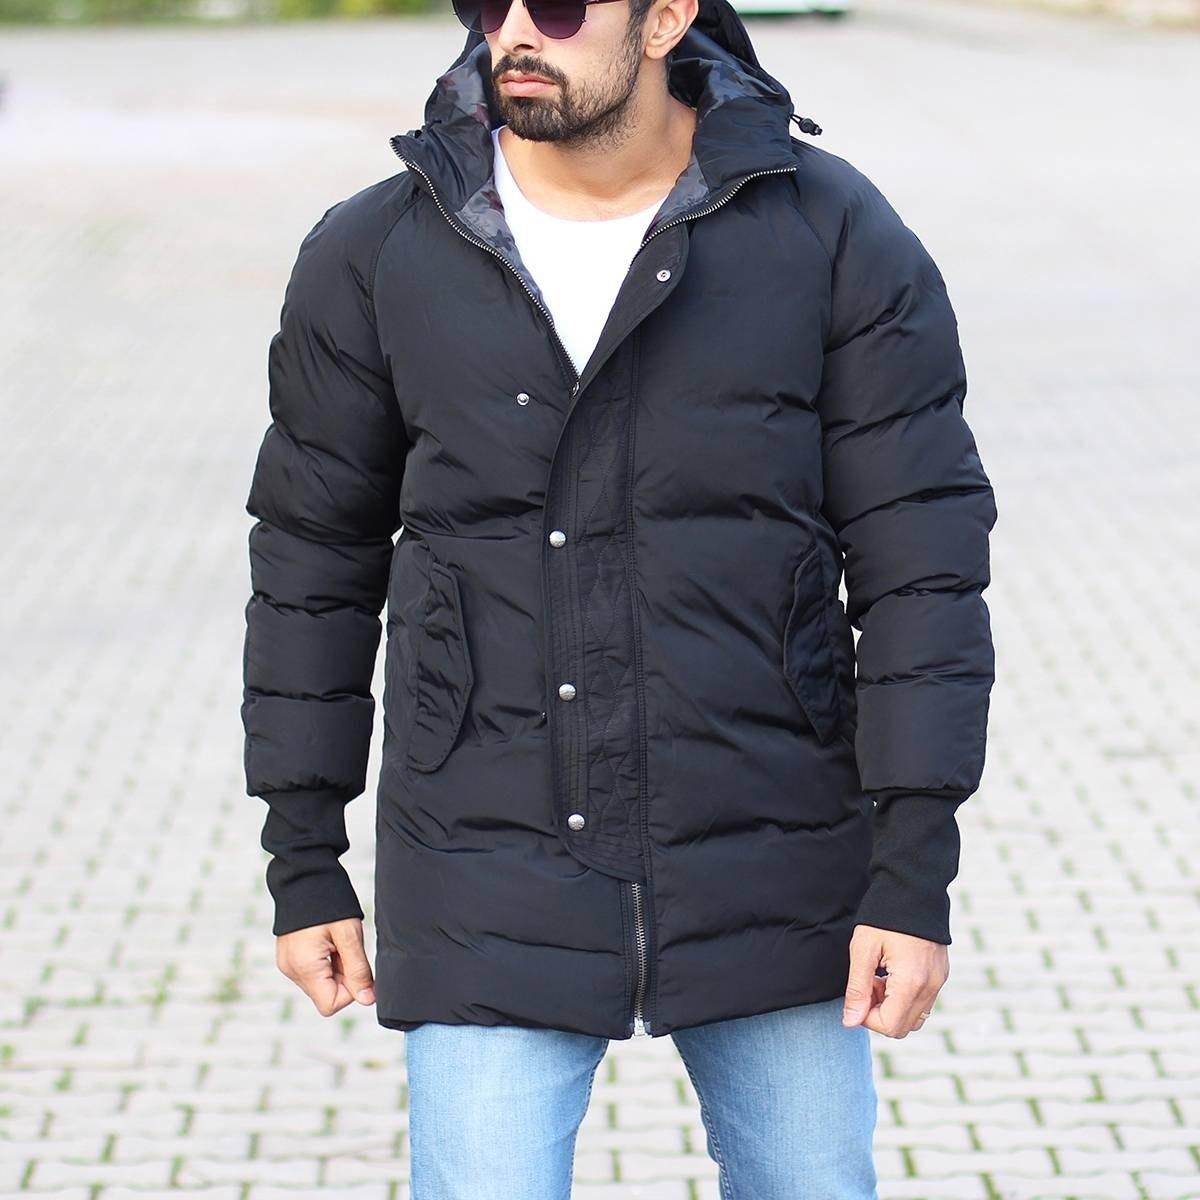 Hooded Puffer Winter Coat In Black Mv Premium Brand - 2